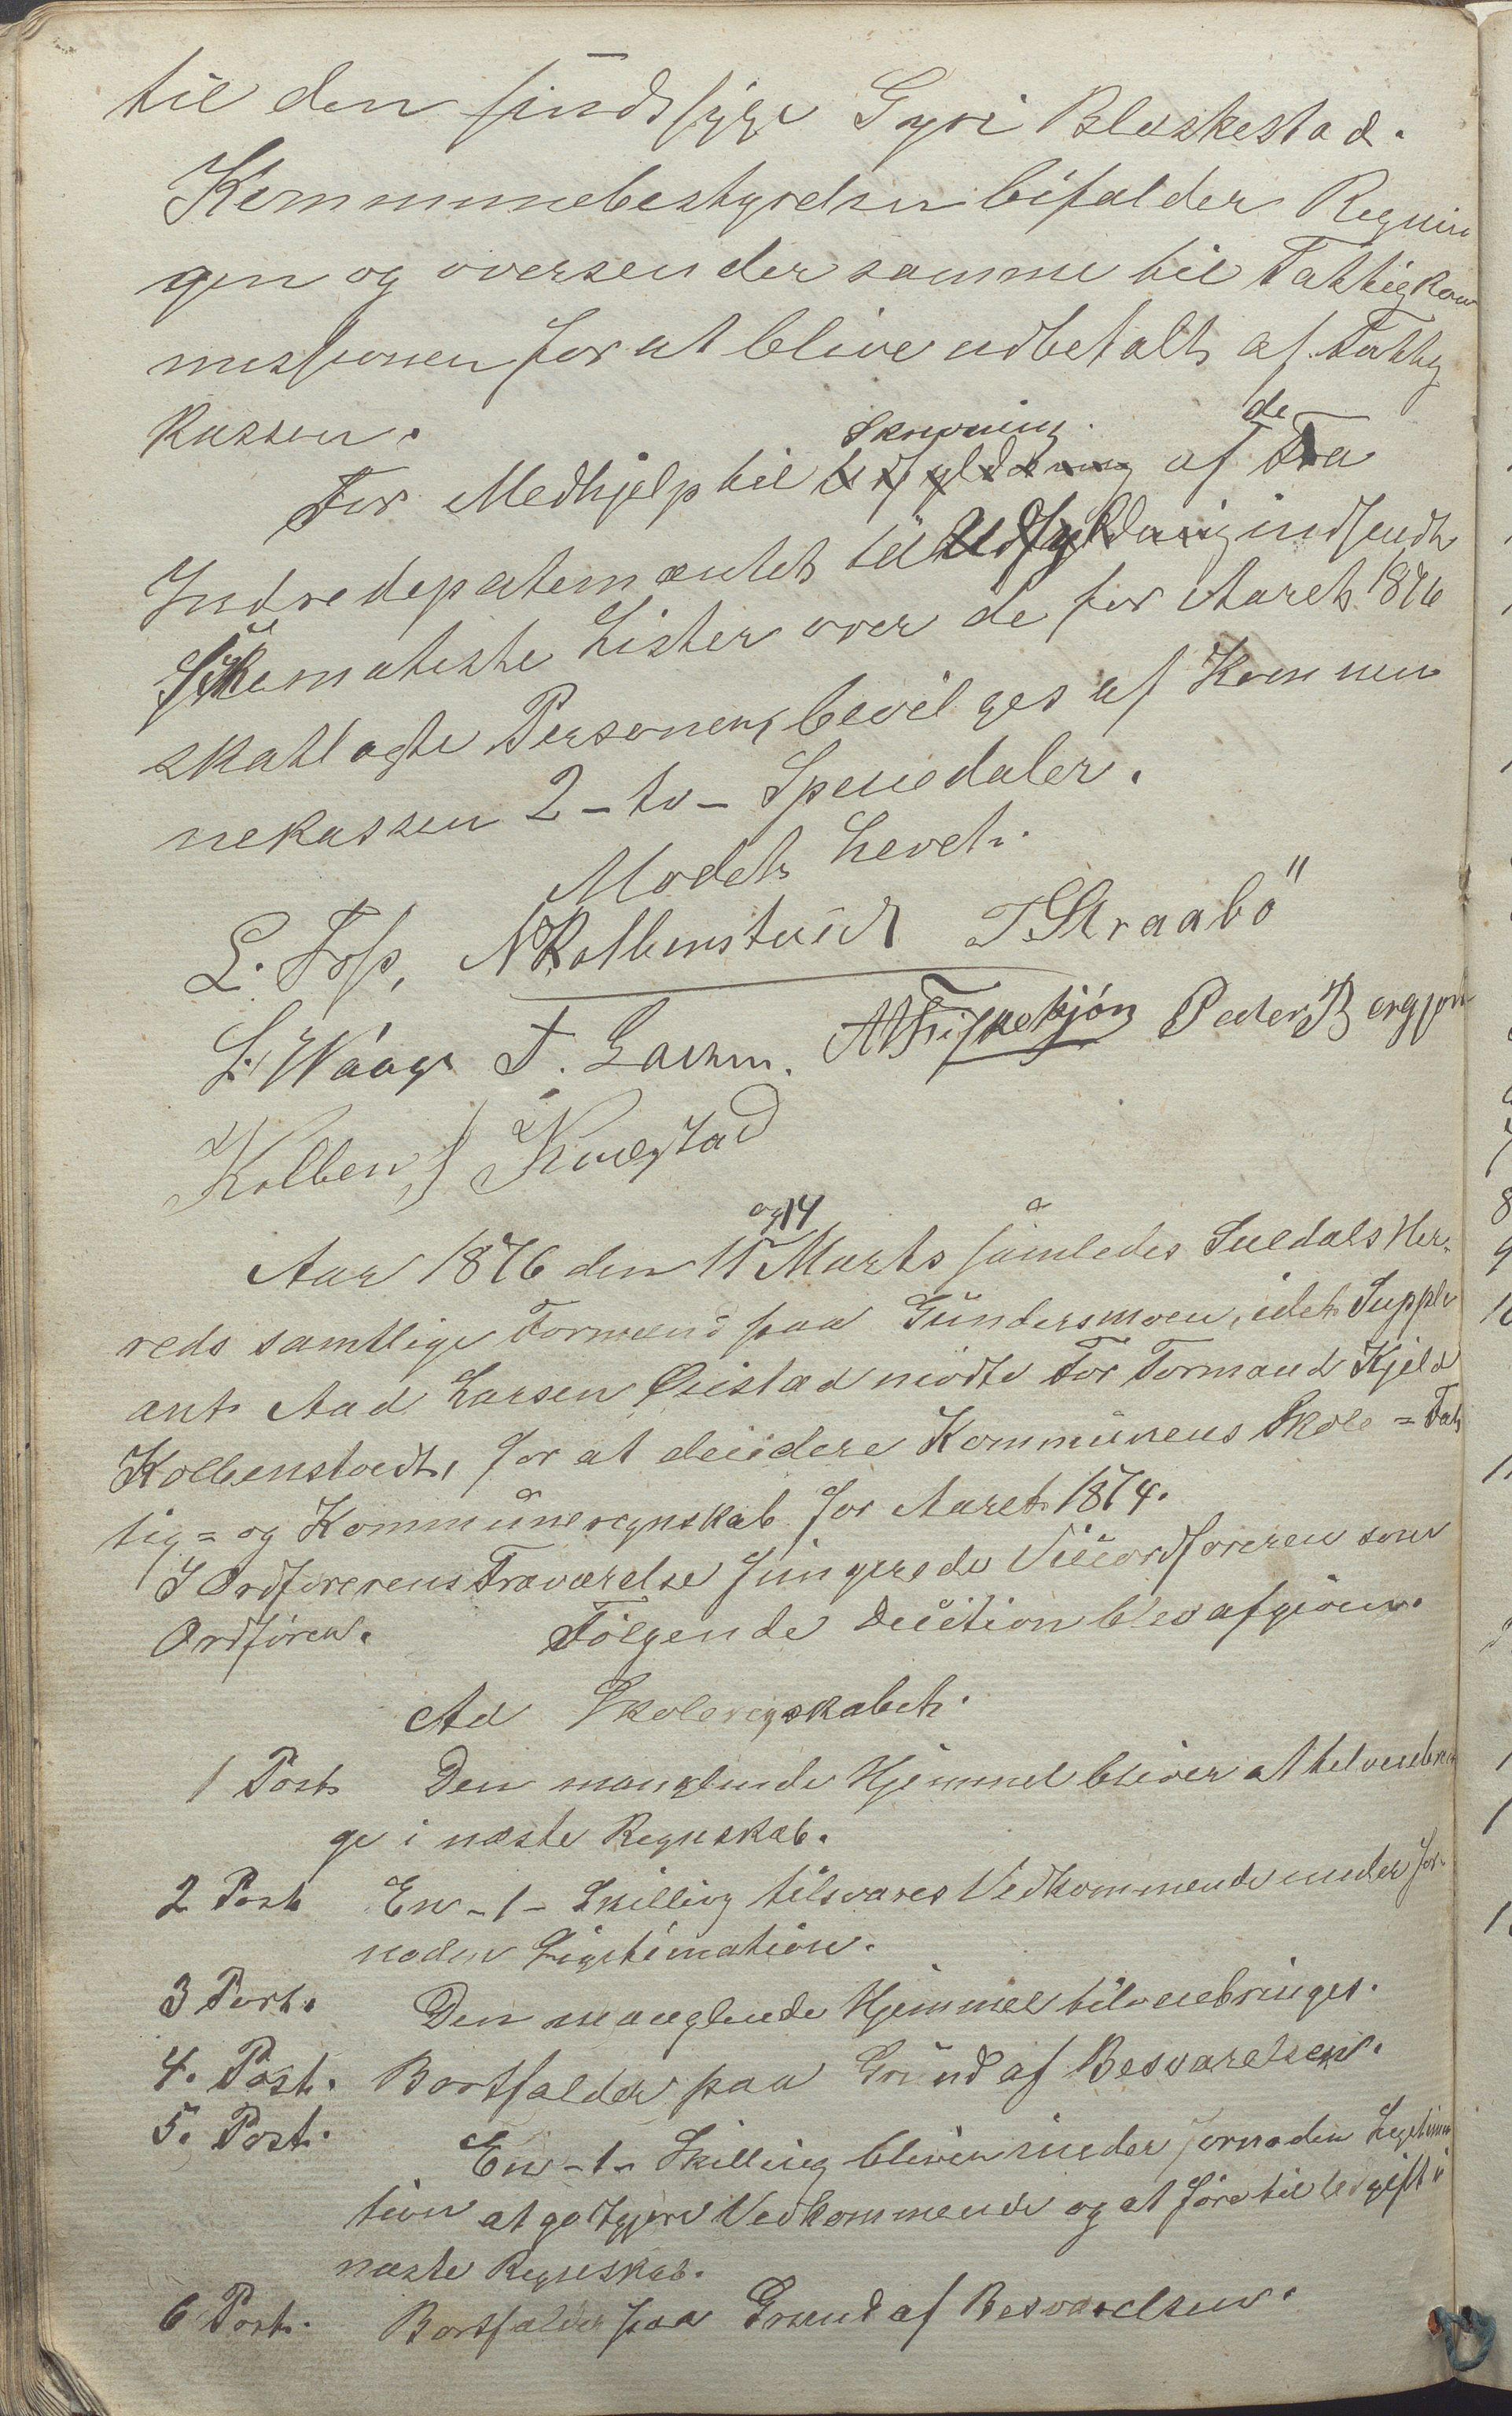 IKAR, Suldal kommune - Formannskapet/Rådmannen, A/Aa/L0001: Møtebok, 1837-1876, s. 234b